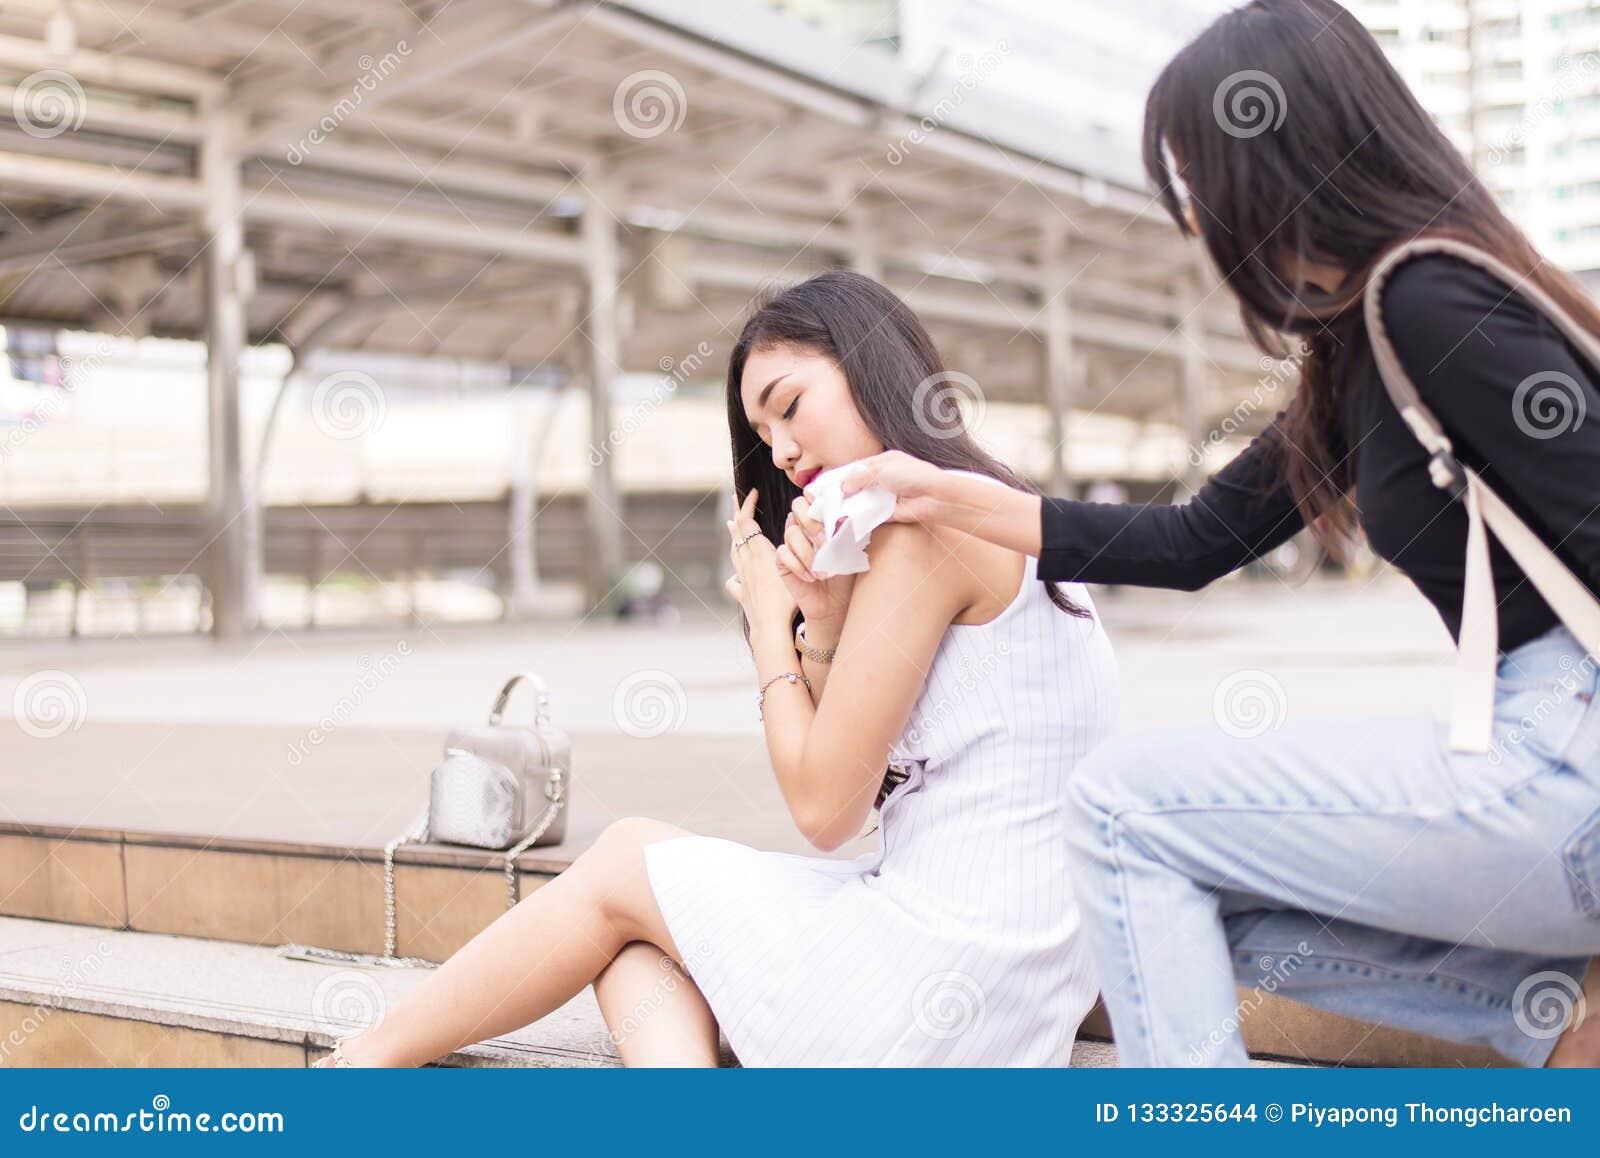 Φίλος που δίνει τον ιστό στην καταθλιπτική ασιατική γυναίκα, δυστυχισμένη θηλυκή υποστήριξη η υπαίθρια, διανοητική έννοια υγειονο